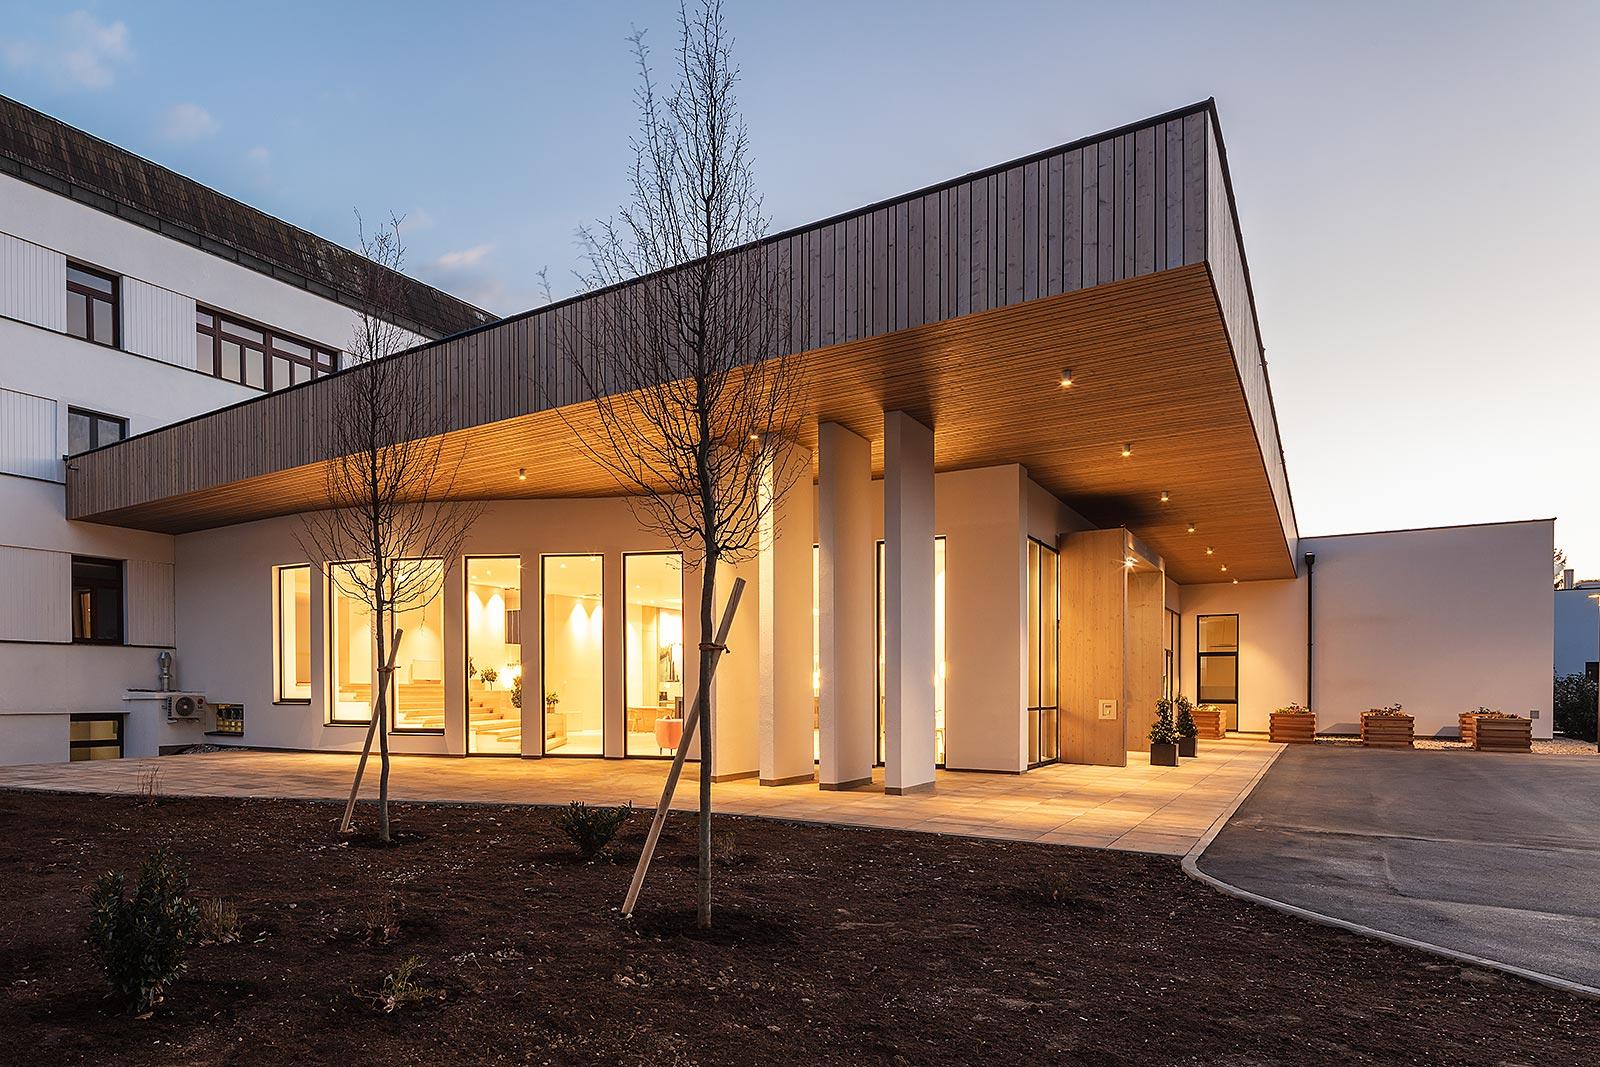 professionelle Abendaufnahme Architektur